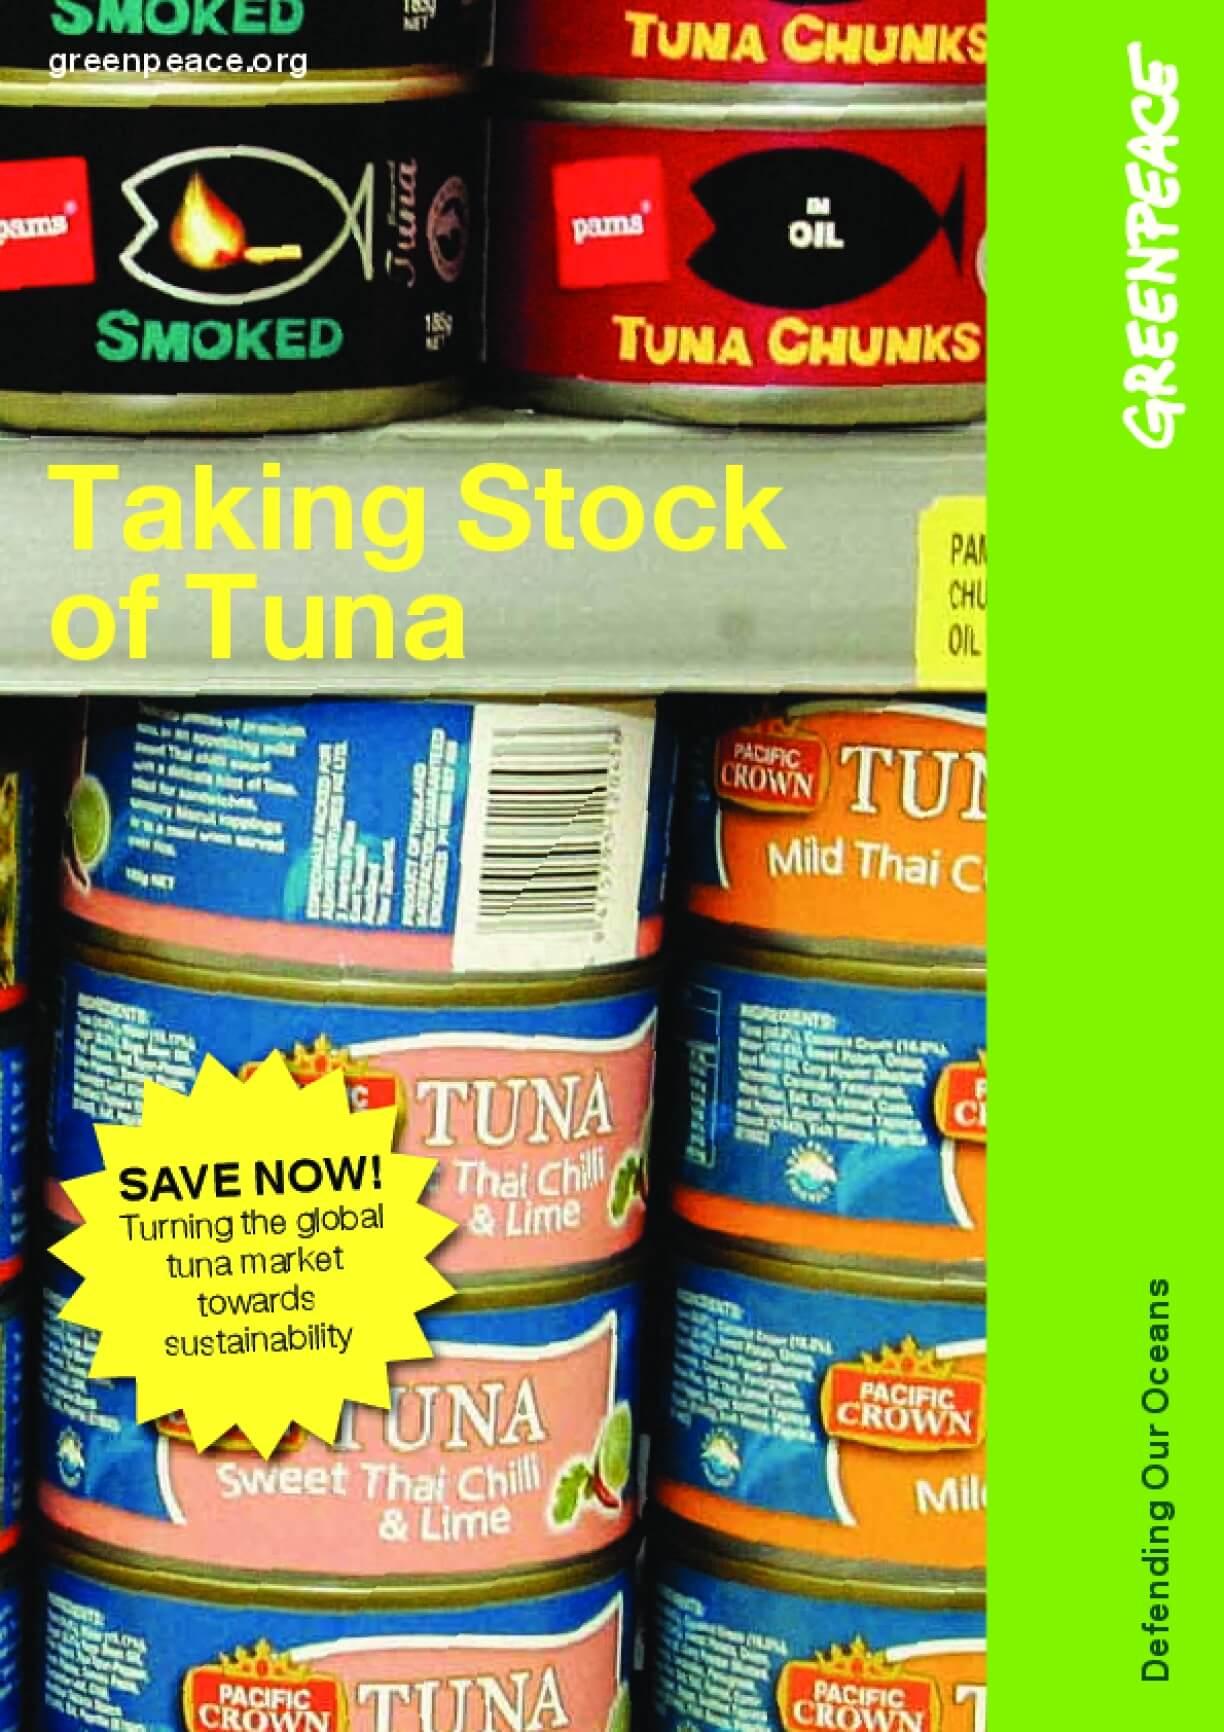 Taking Stock of Tuna